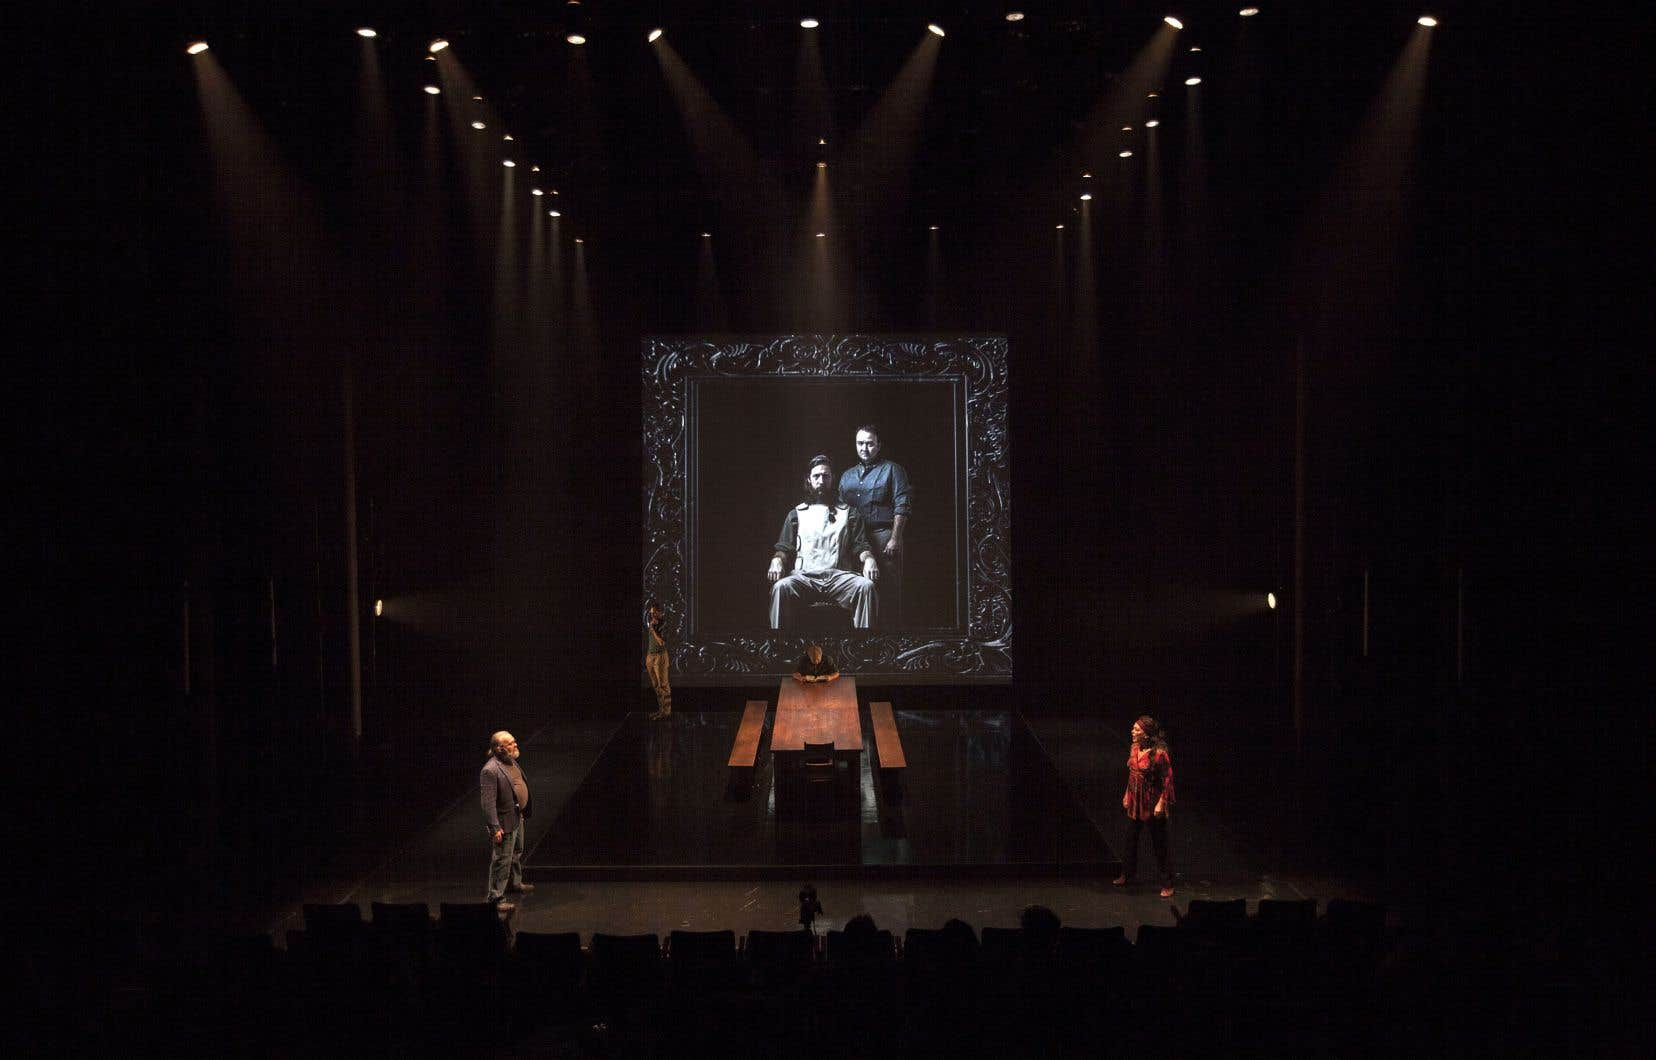 Le studio montréalais Silent Partners, qui collabore avec des artistes comme Taylor Swift et développe aussi des contenus originaux, a notamment assuré la production vidéo du spectacle «Five Kings», présenté à l'Espace Go en 2015.